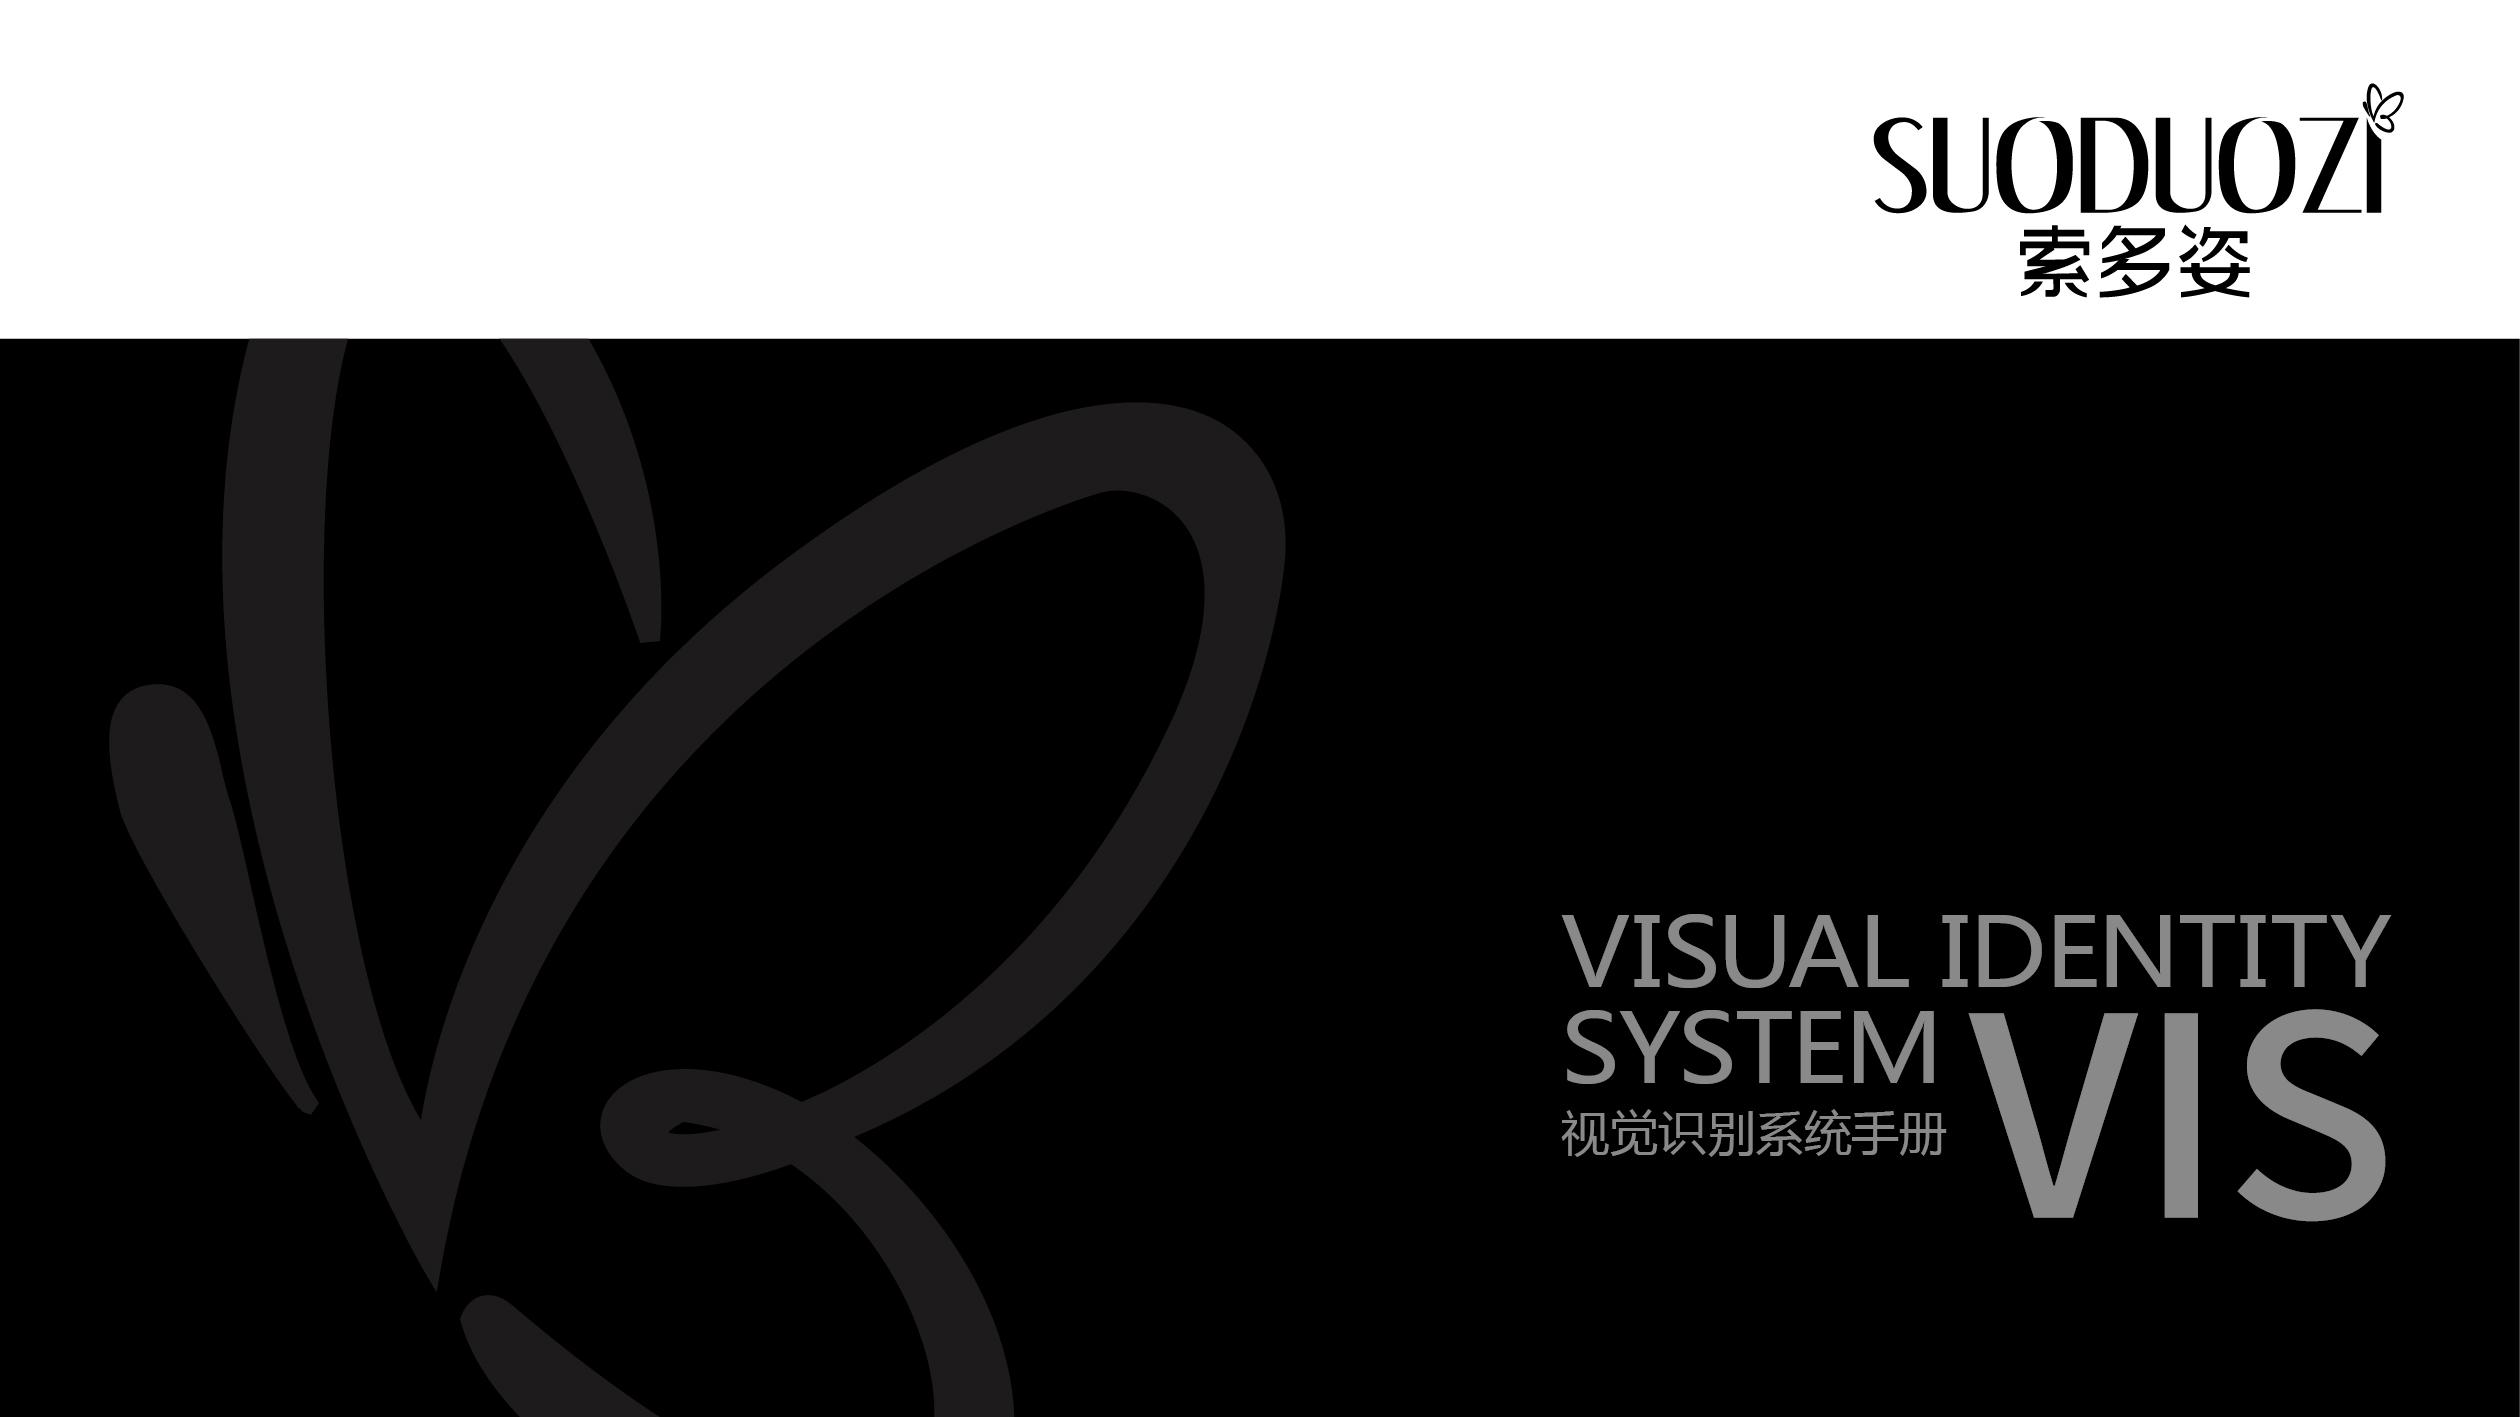 索多姿服装公司VI设计